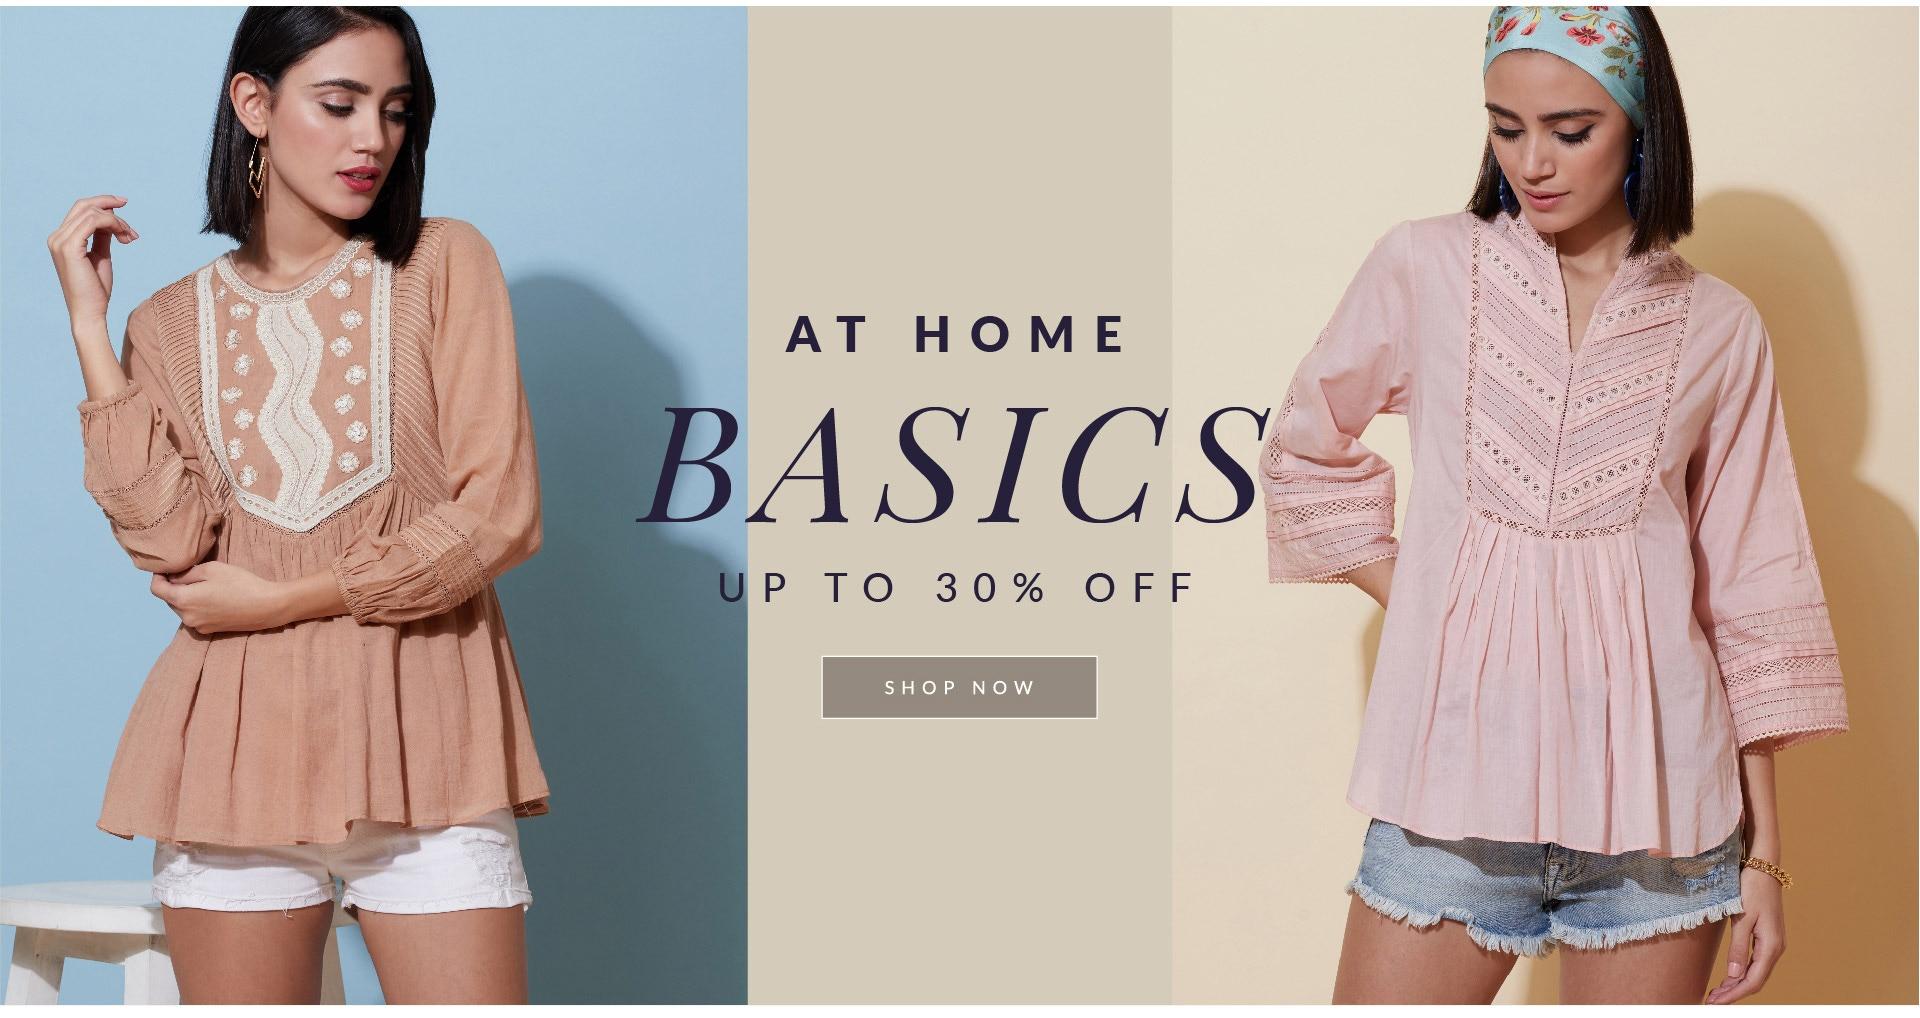 At home basics